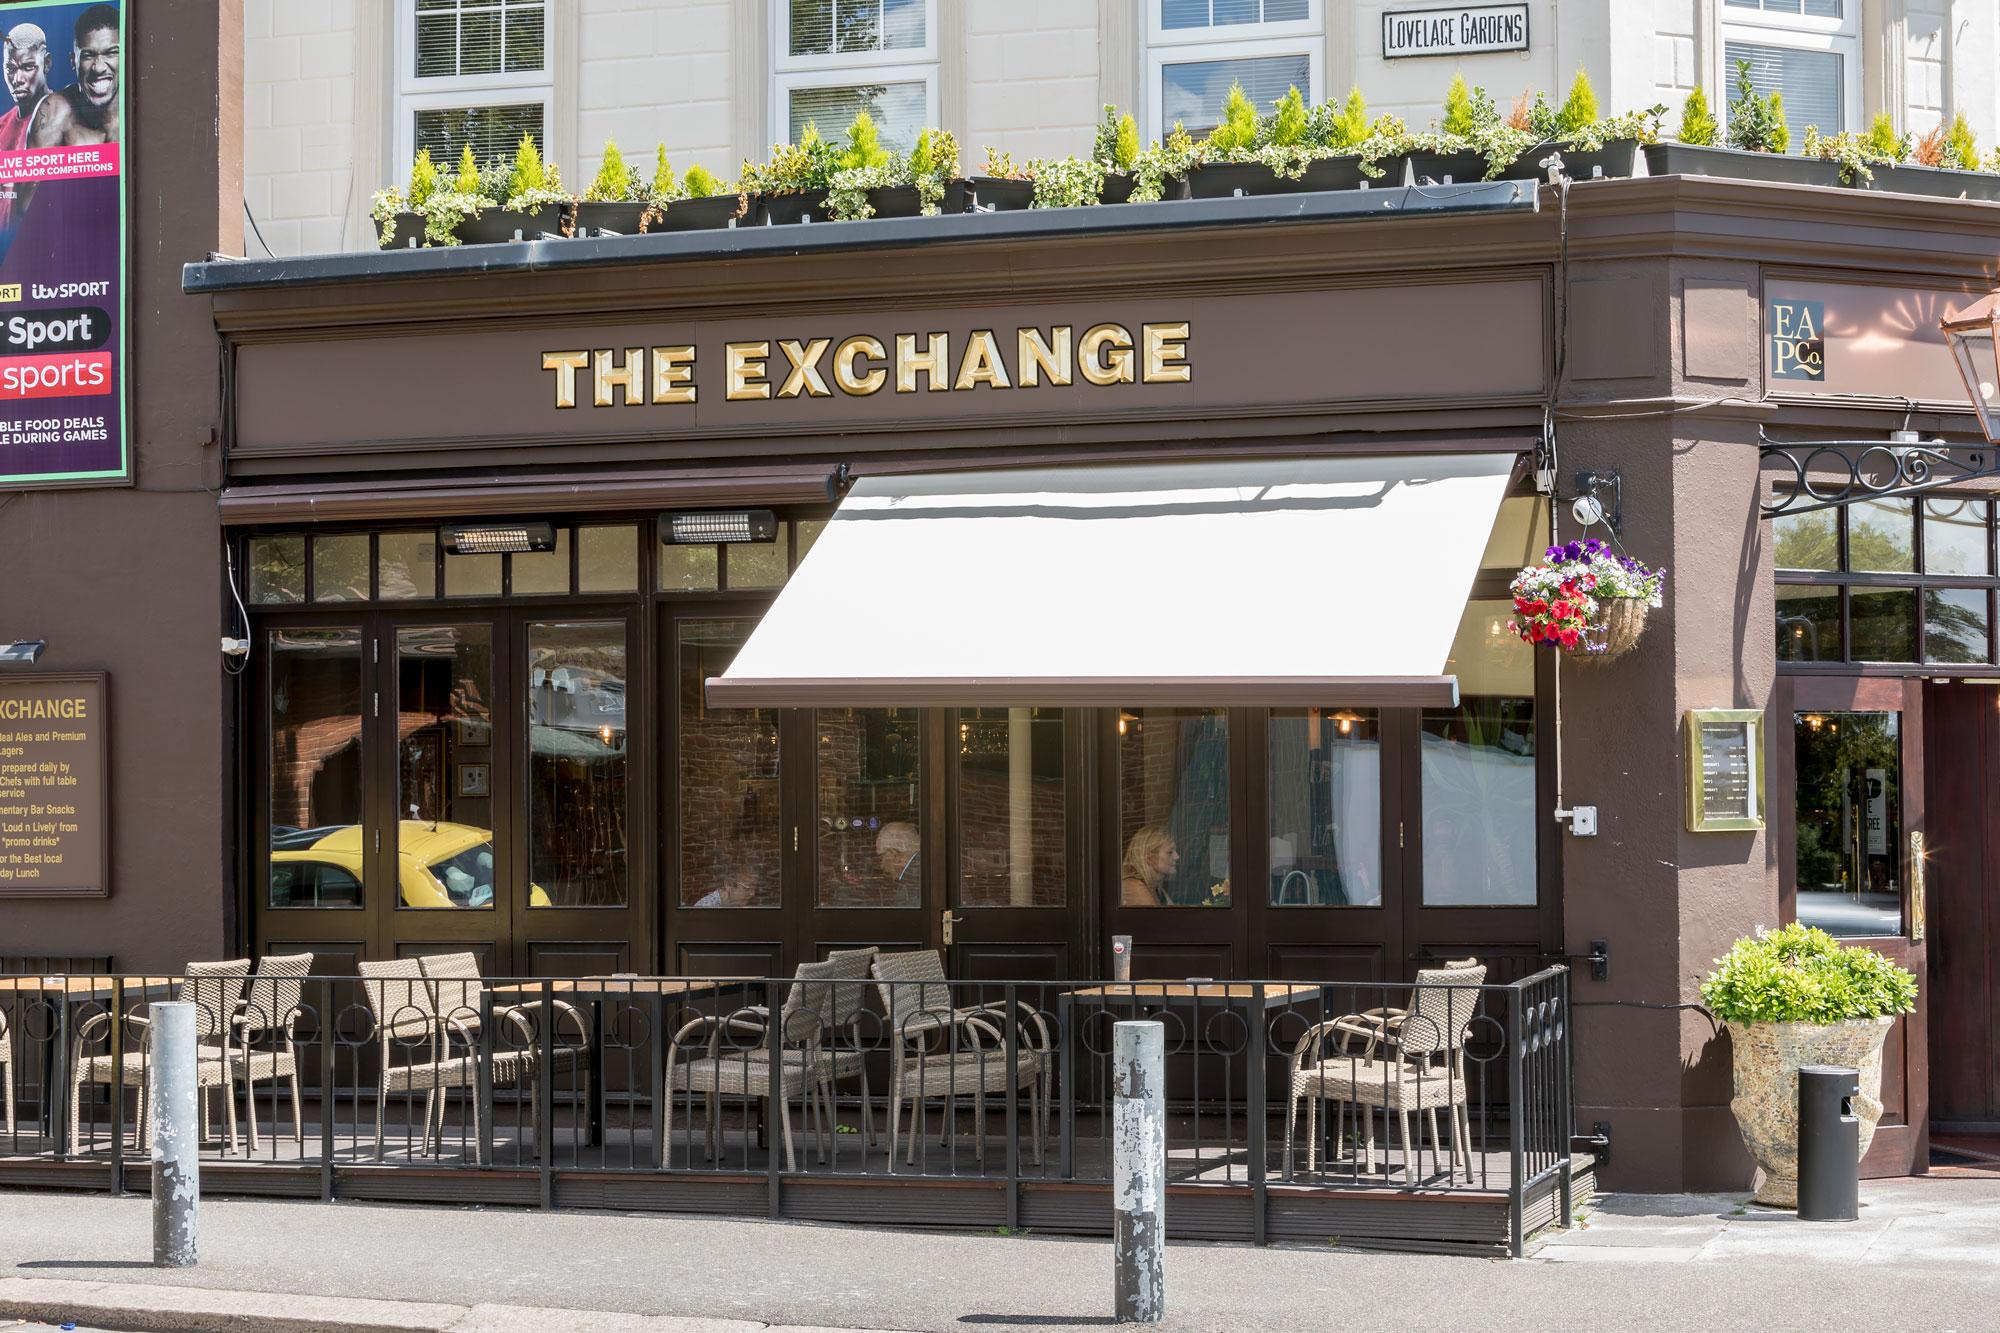 The Exchange Southend On Sea East Anglia Pub Co